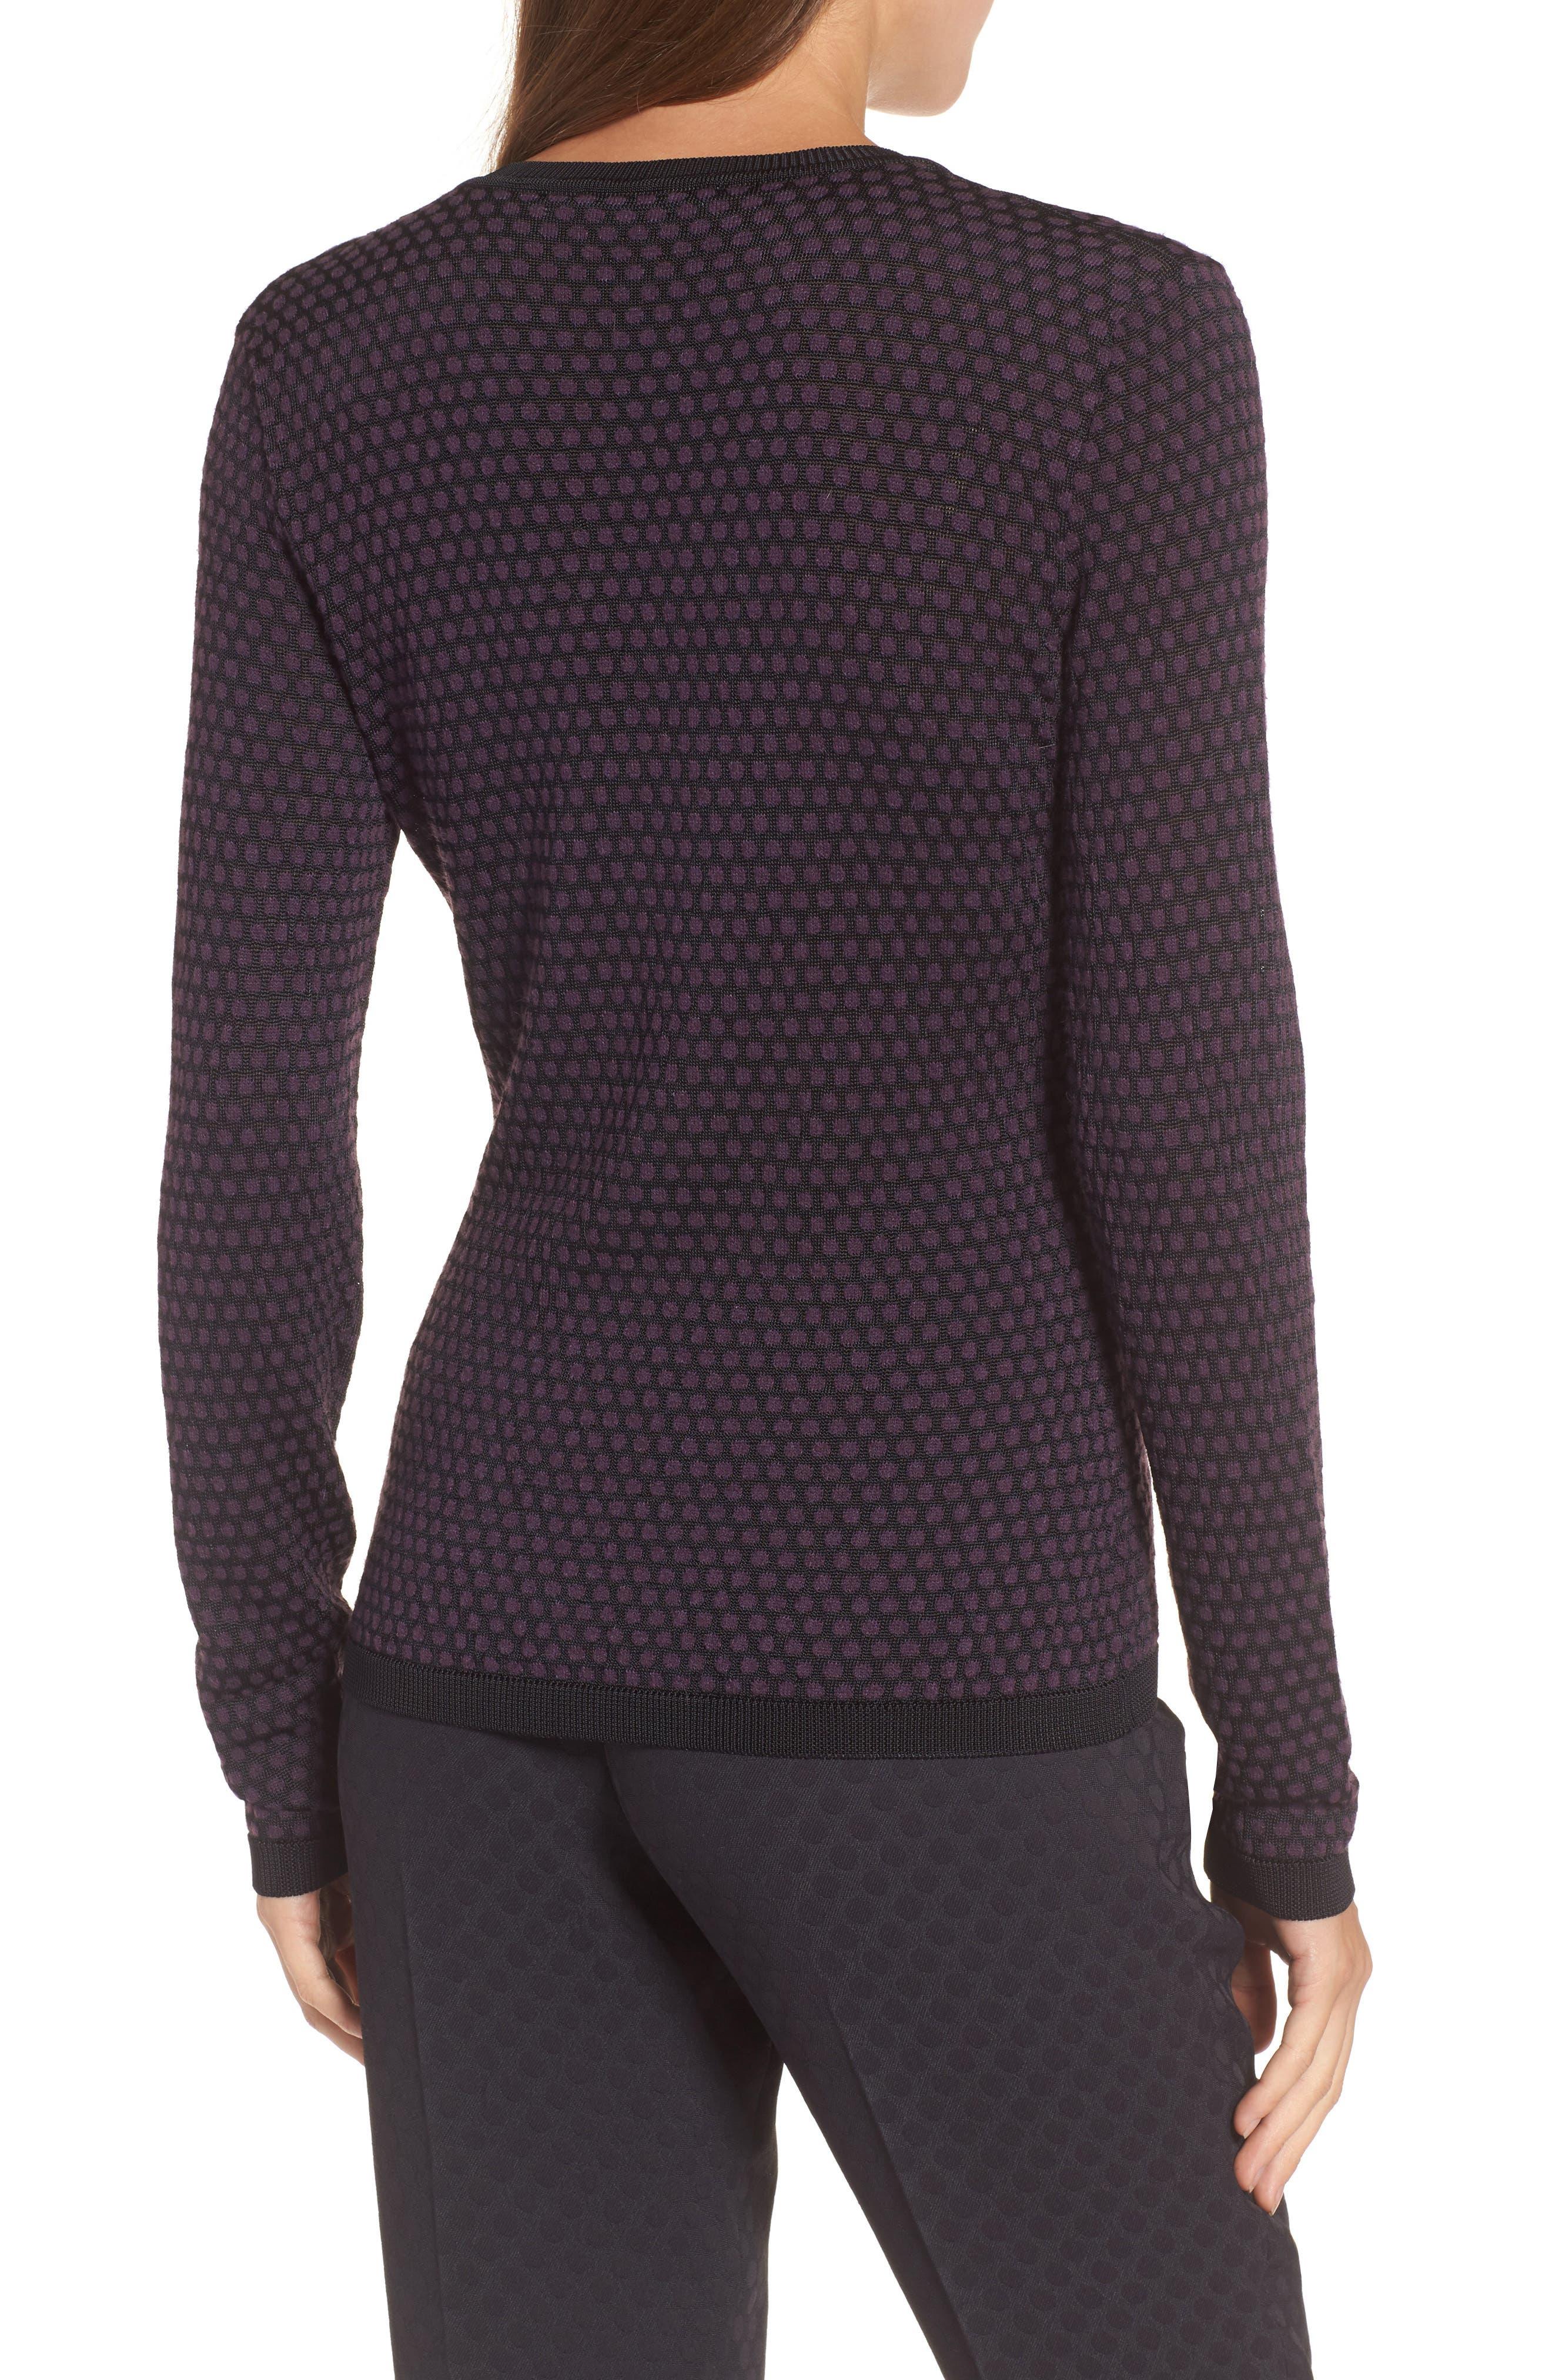 Dot Fielitza Jacquard Sweater,                             Alternate thumbnail 2, color,                             575